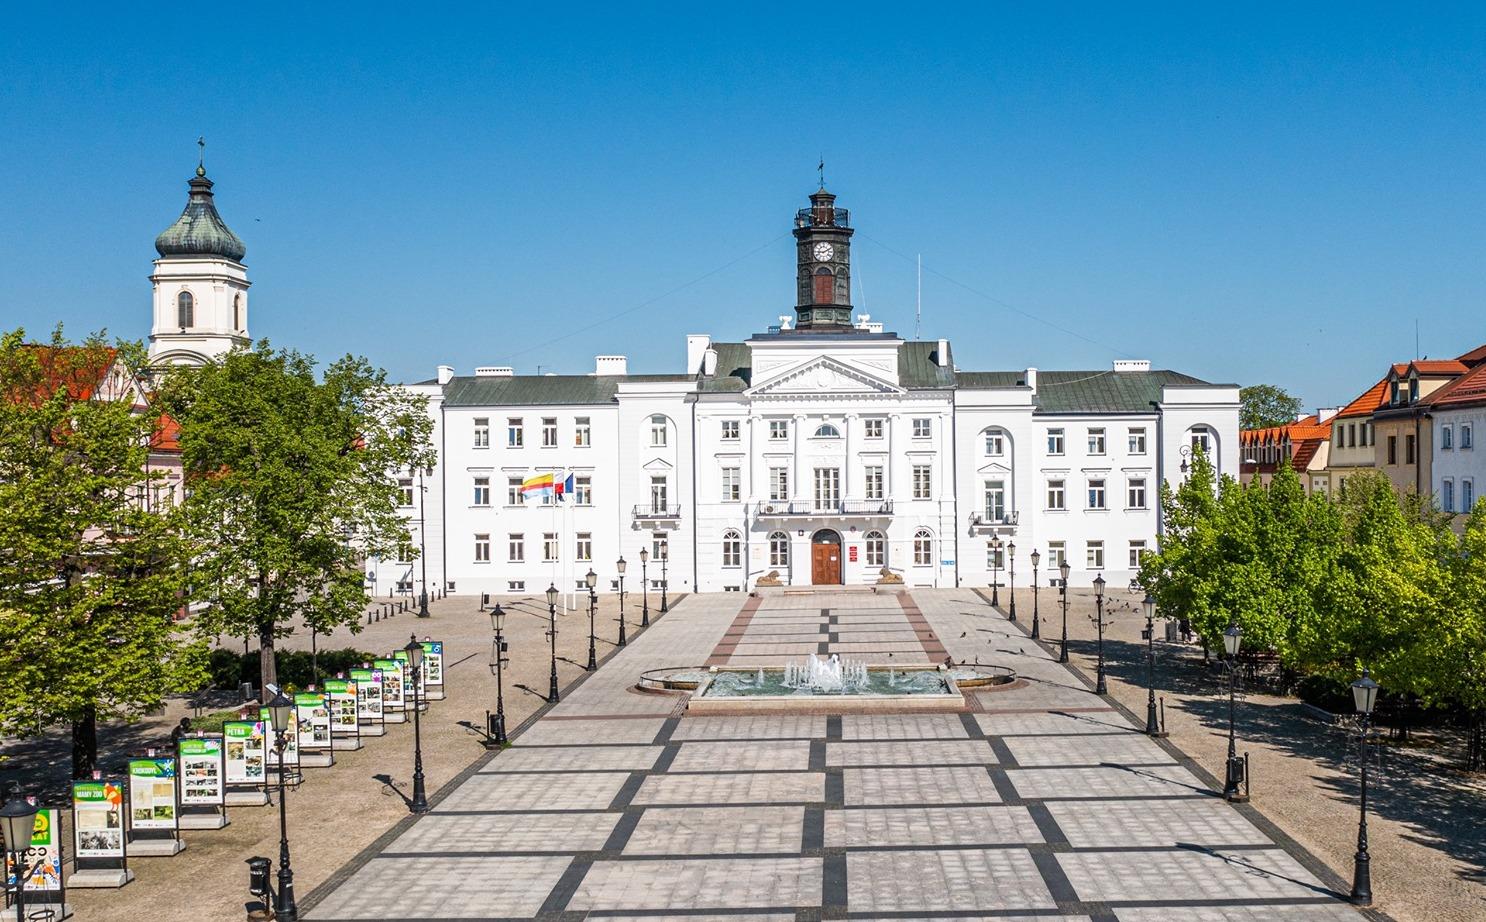 Prezydent Płocka zaprasza w niedzielę do ratusza - Zdjęcie główne